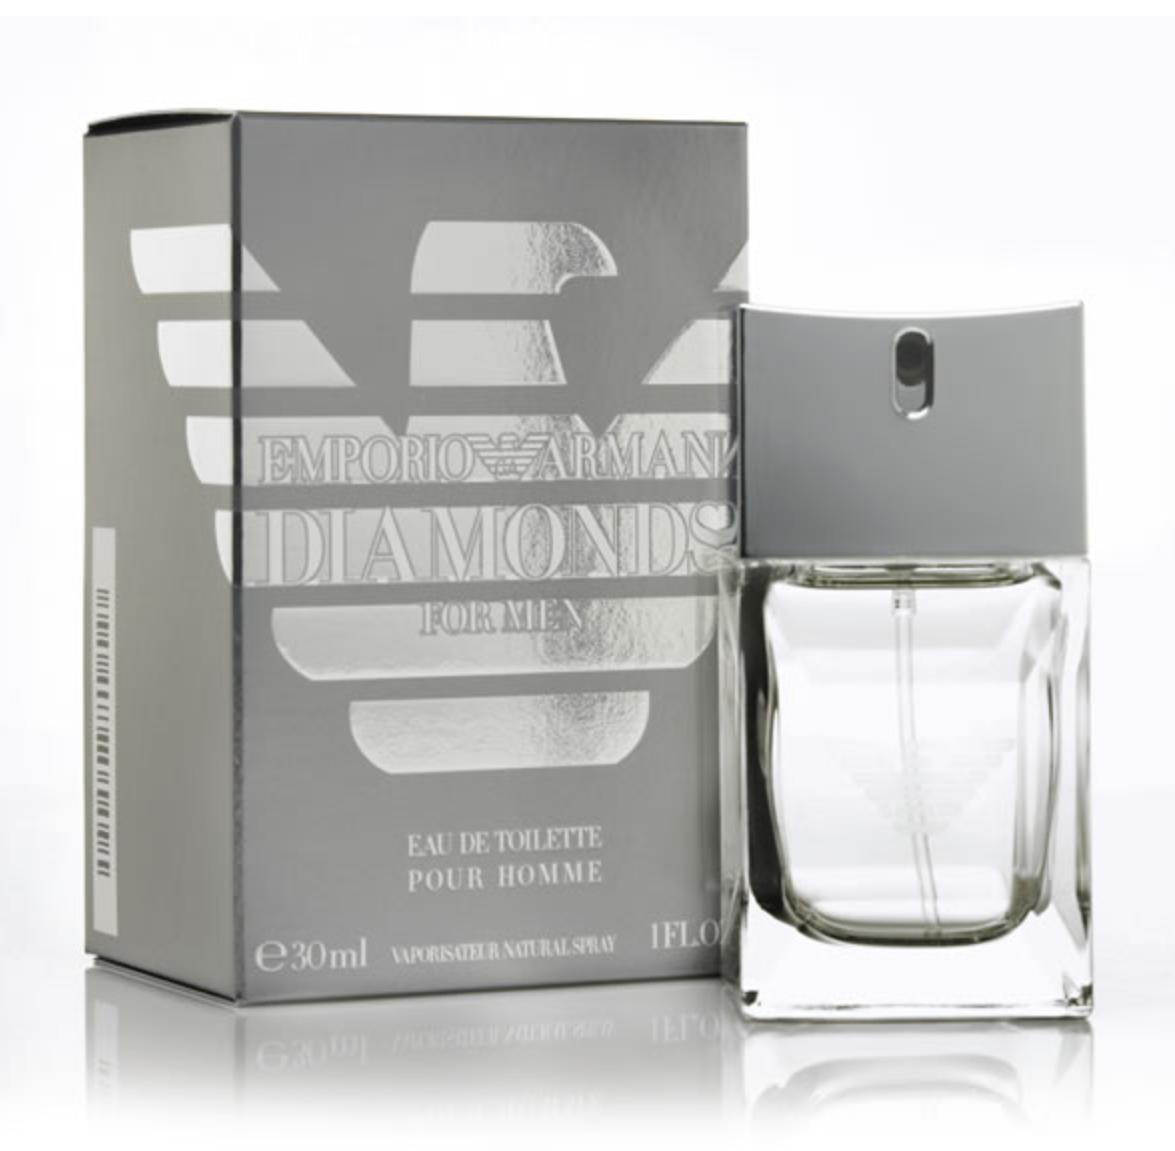 Emporio Armani - Diamonds Men - eau de toilette